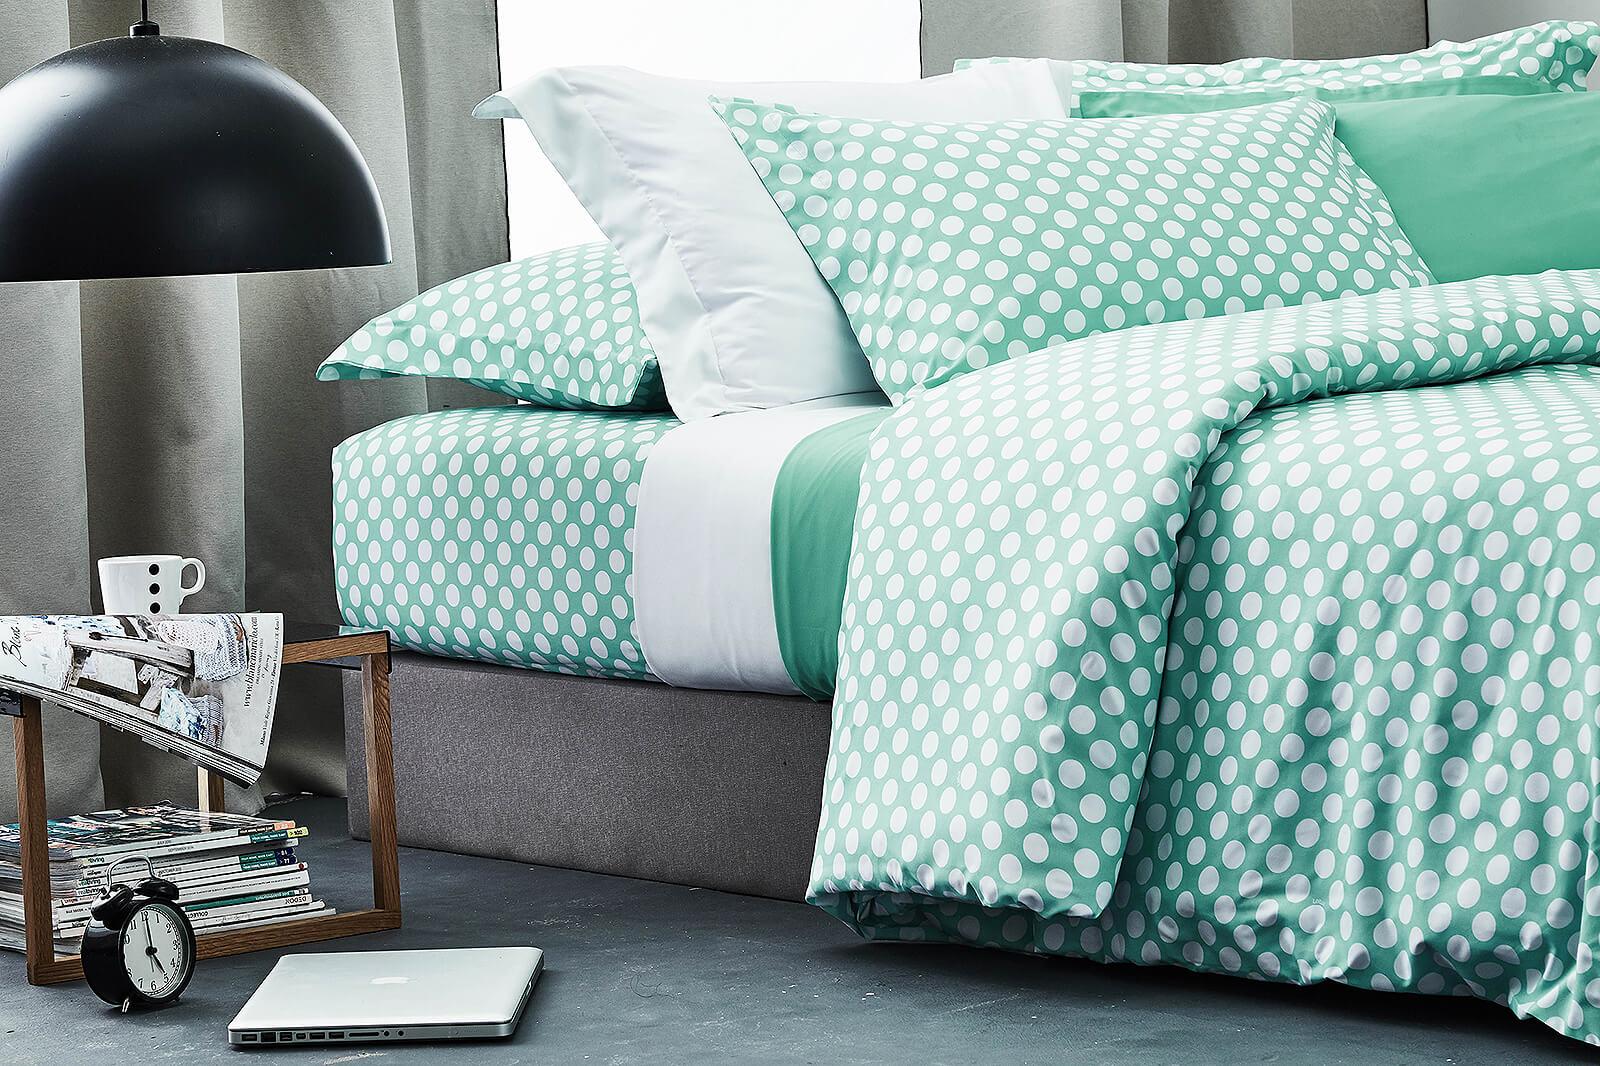 Lotus รุ่น Impression ชุดผ้าปูที่นอน LI-054A